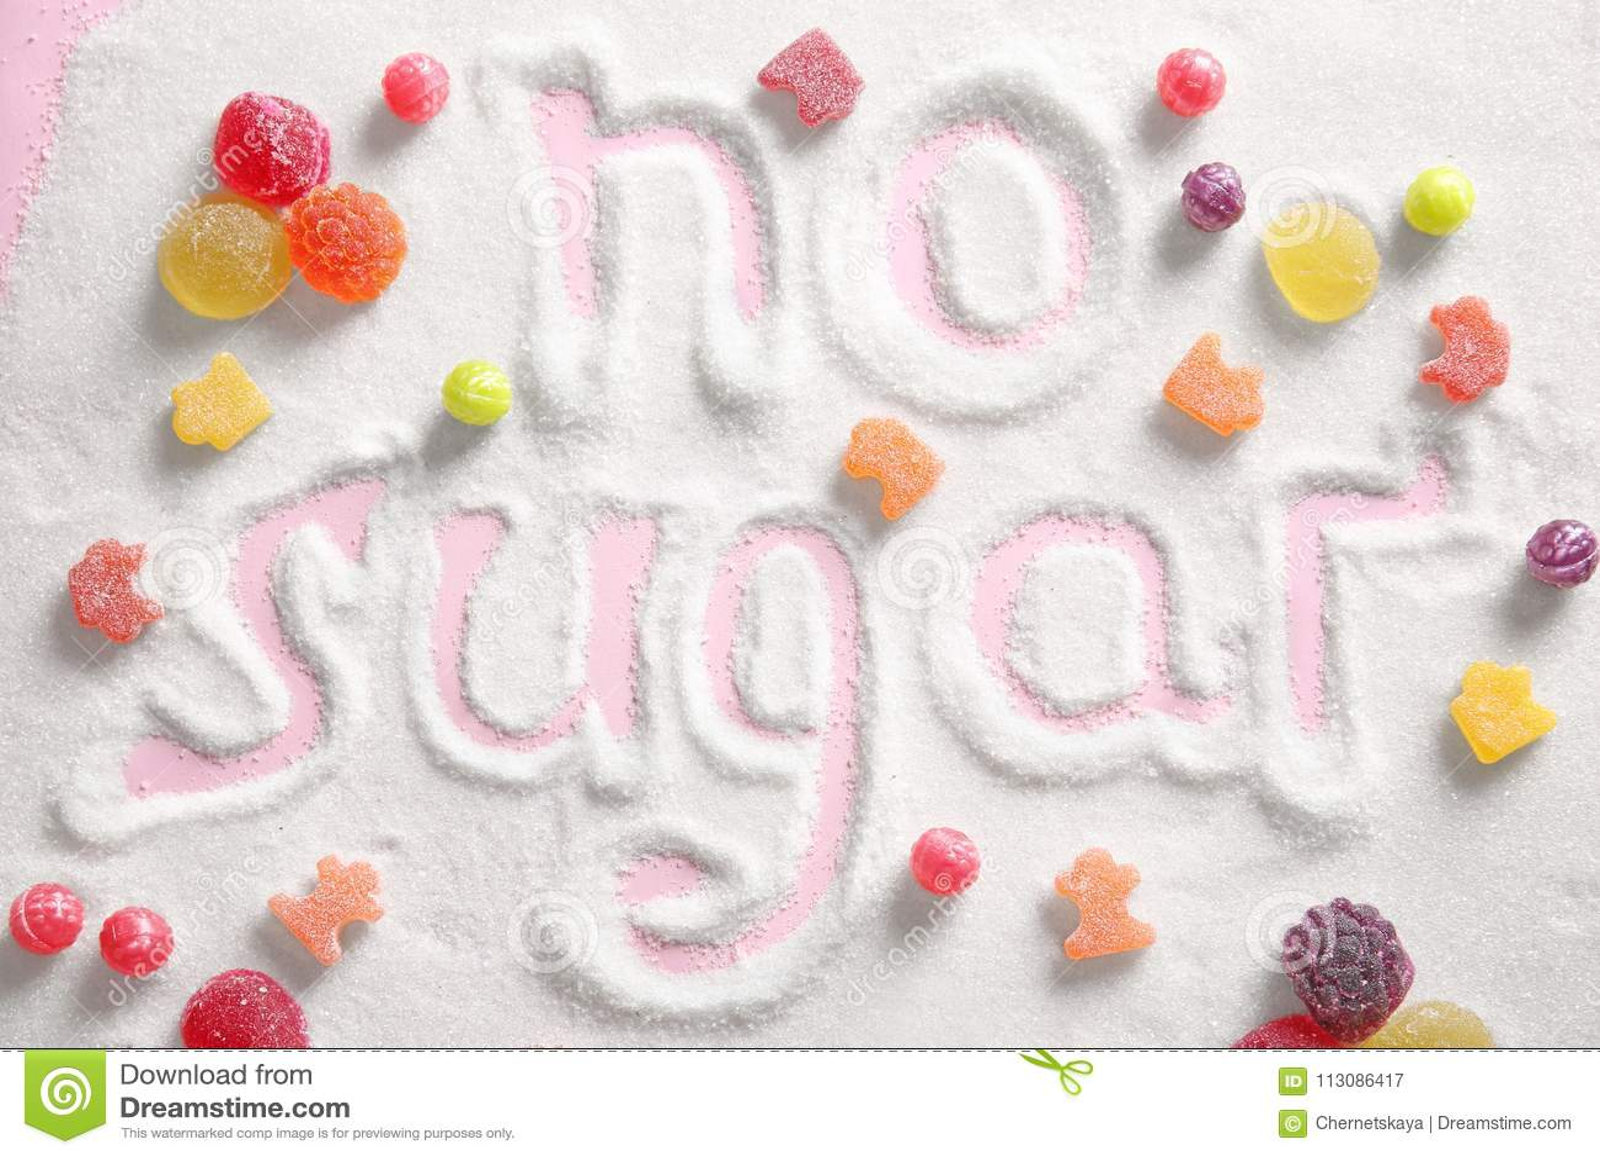 Sammansättning med sötsaker och formulerar INGET SOCKER